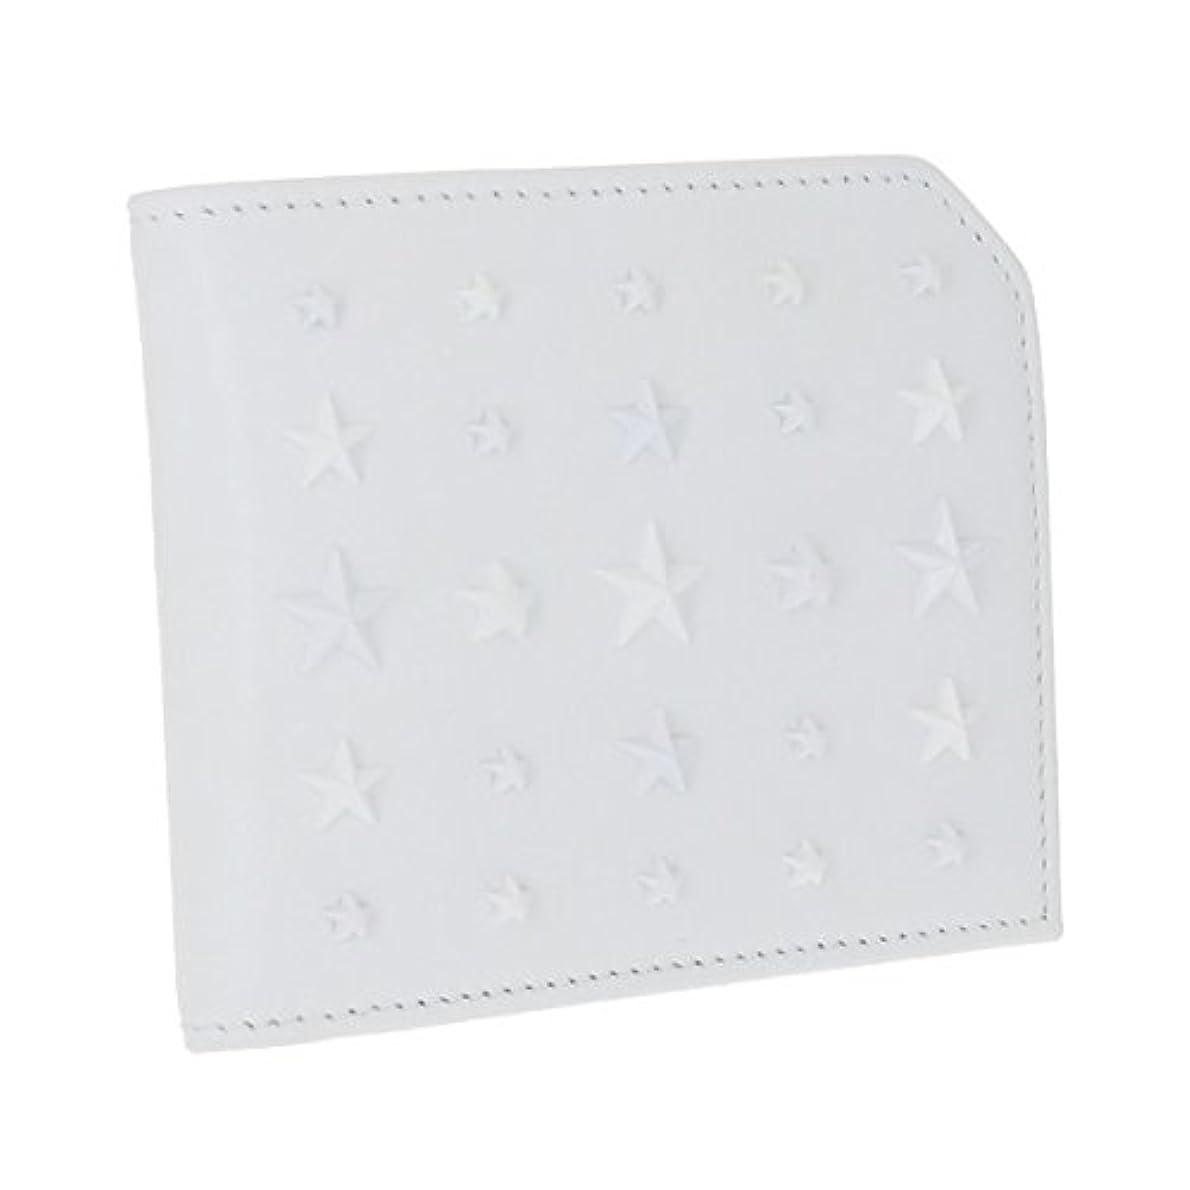 確実手足羊の服を着た狼Jimmy Choo(ジミーチュウ) 財布 メンズ SATIN LEATHER WITH MIXED STARS 2つ折り財布 WHITE ALBANY-UIG-0022 [並行輸入品]